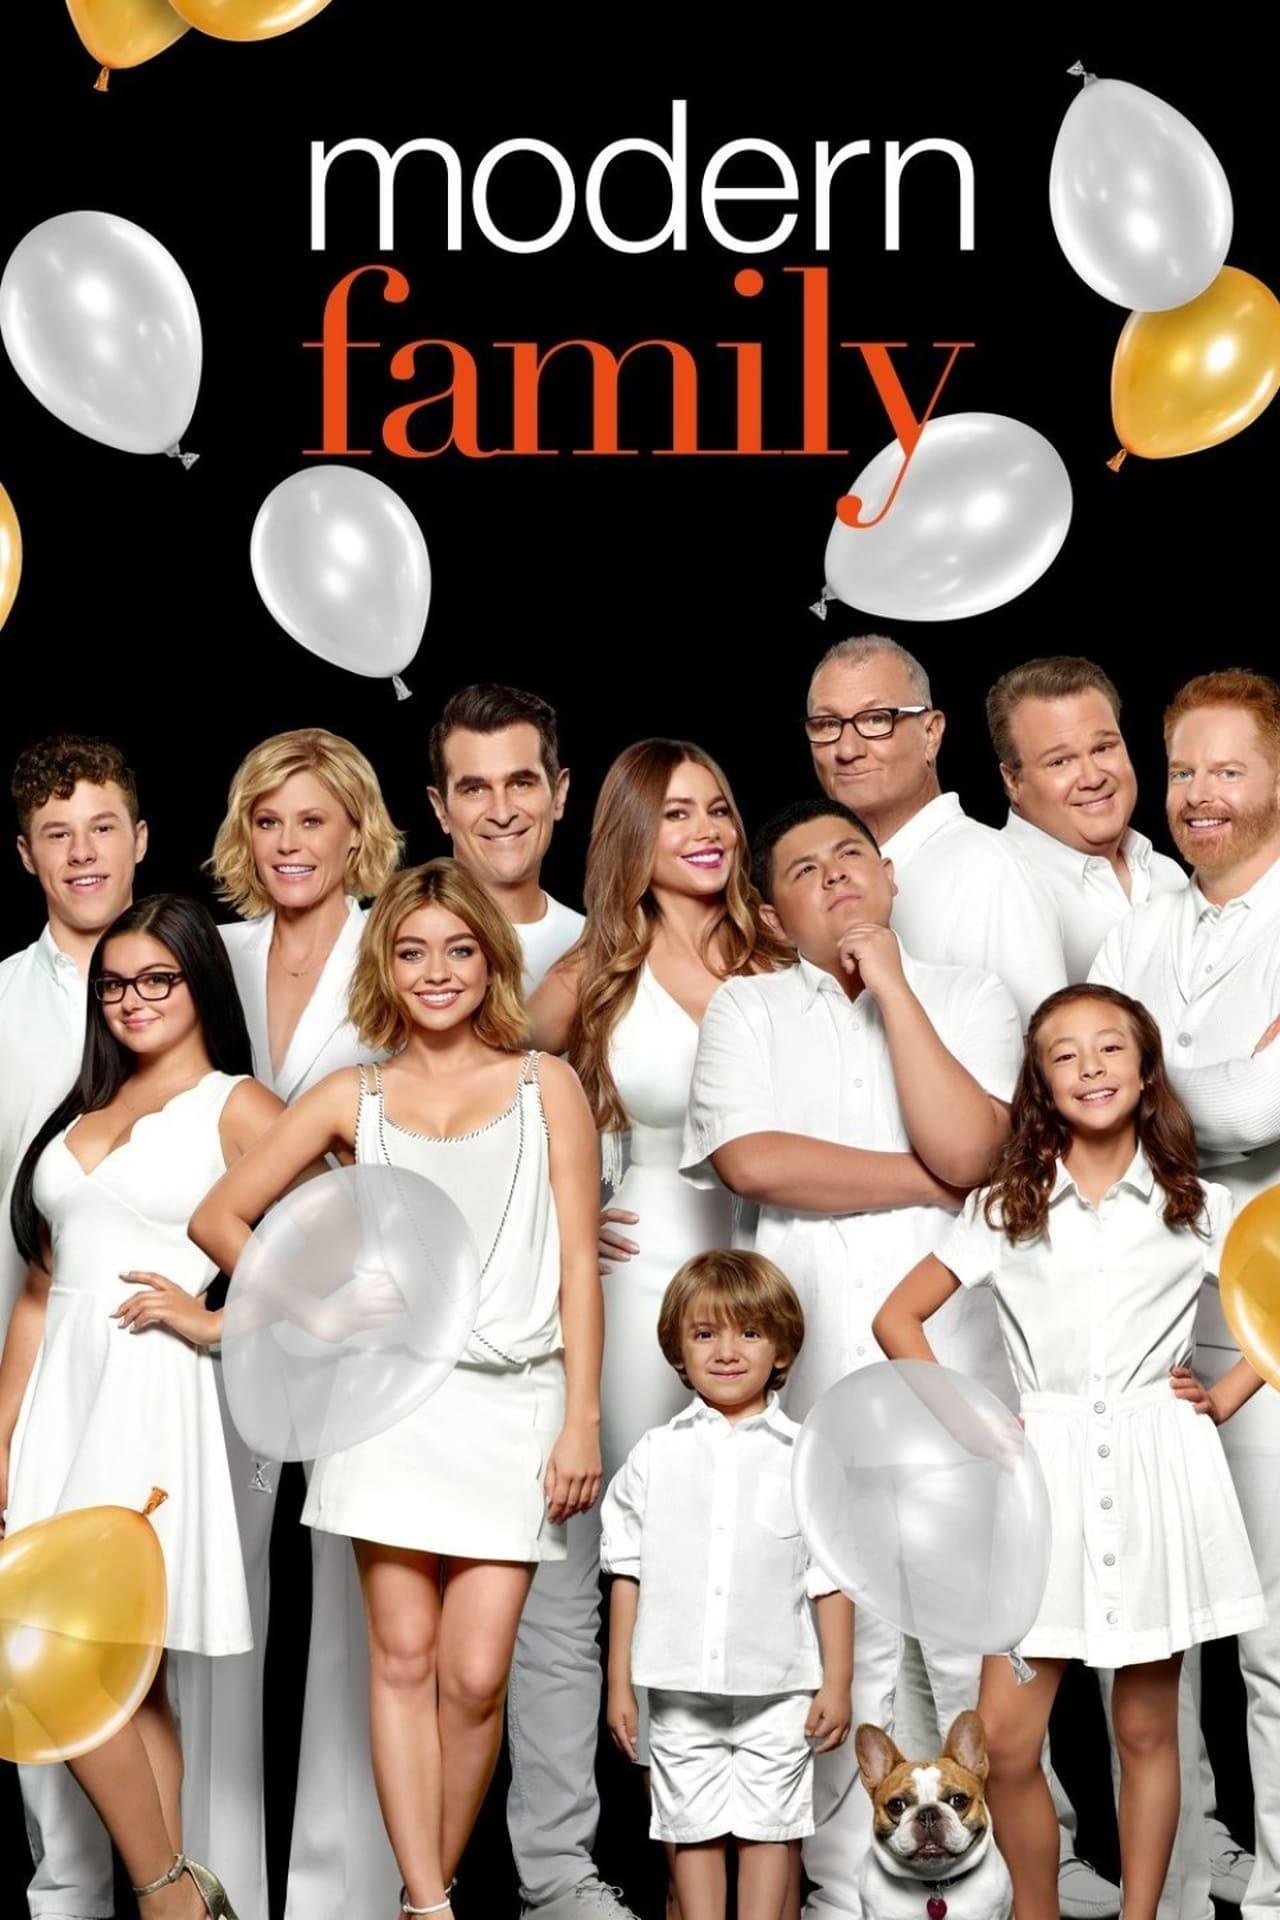 modern family s09e13